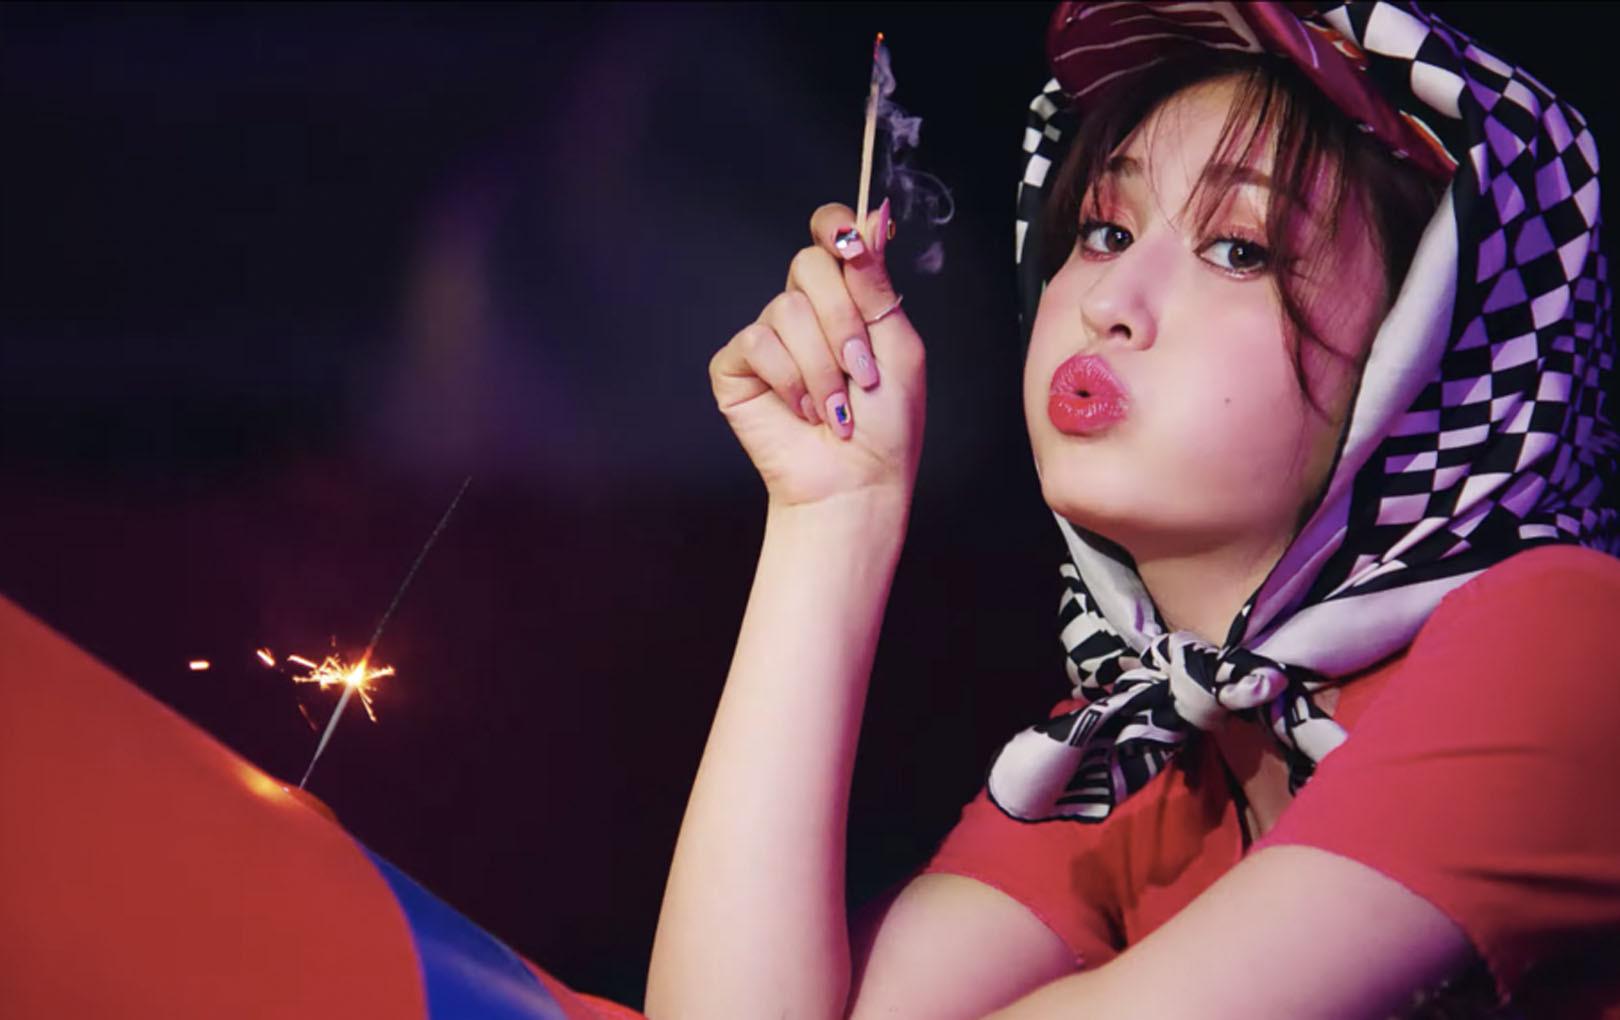 Bóc giá loạt hàng hiệu trong MV debut của Somi, không thua kém đàn chị Jennie (BLACK PINK)